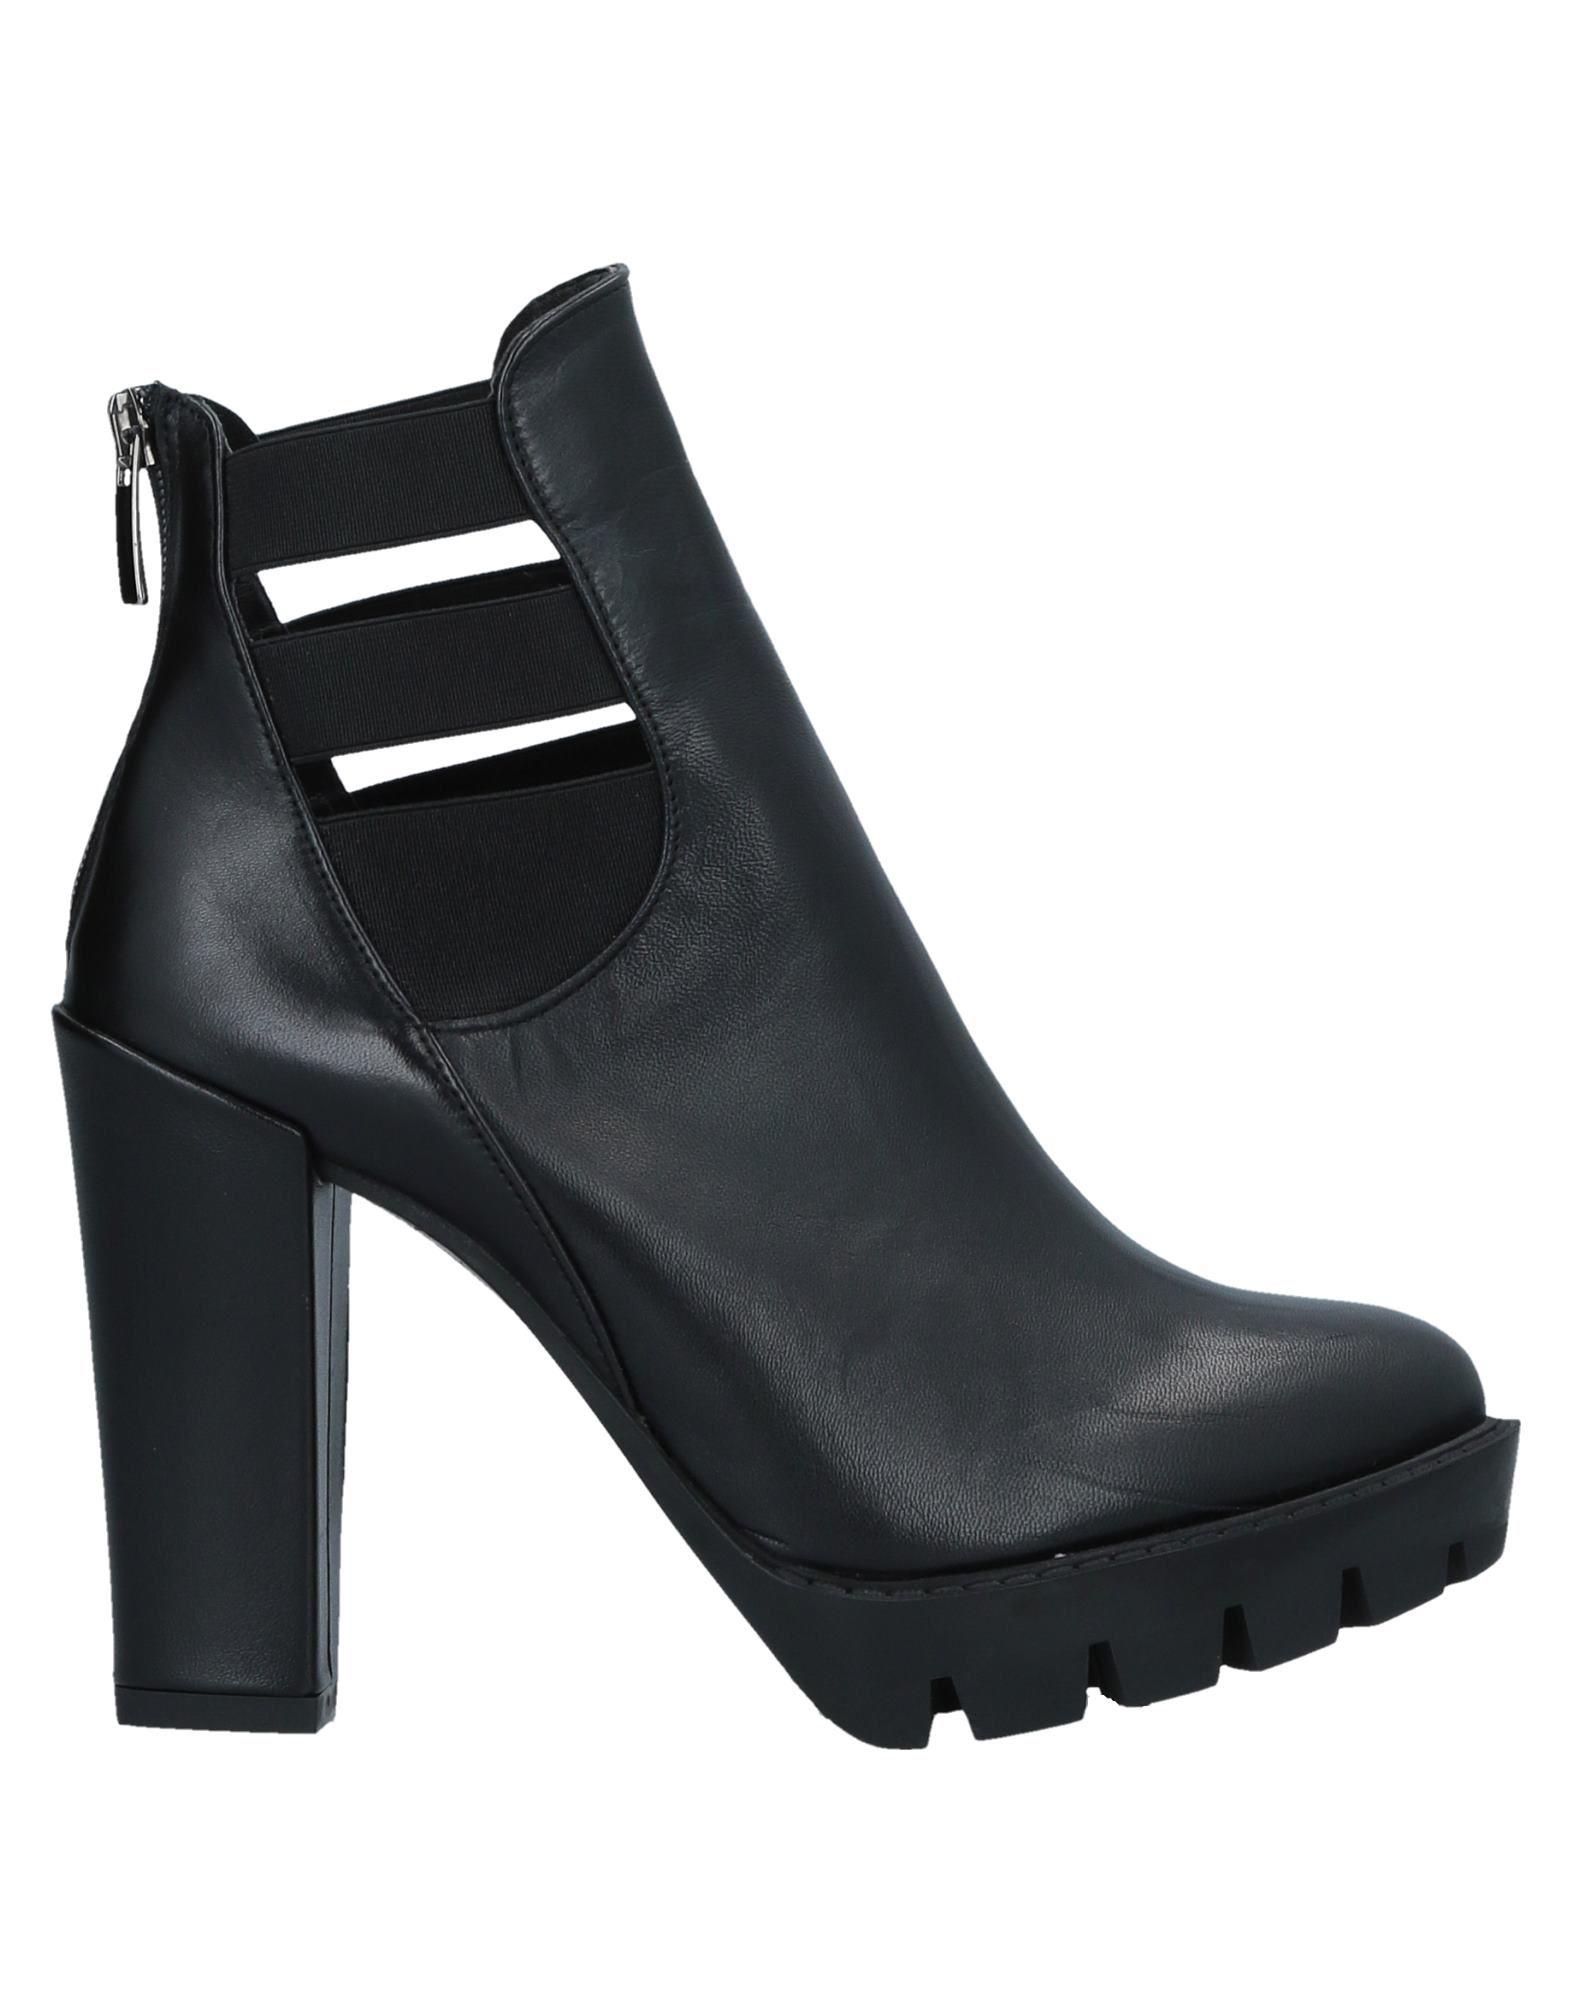 Jada Simon Stiefelette Damen  11533207CF Gute Qualität beliebte Schuhe